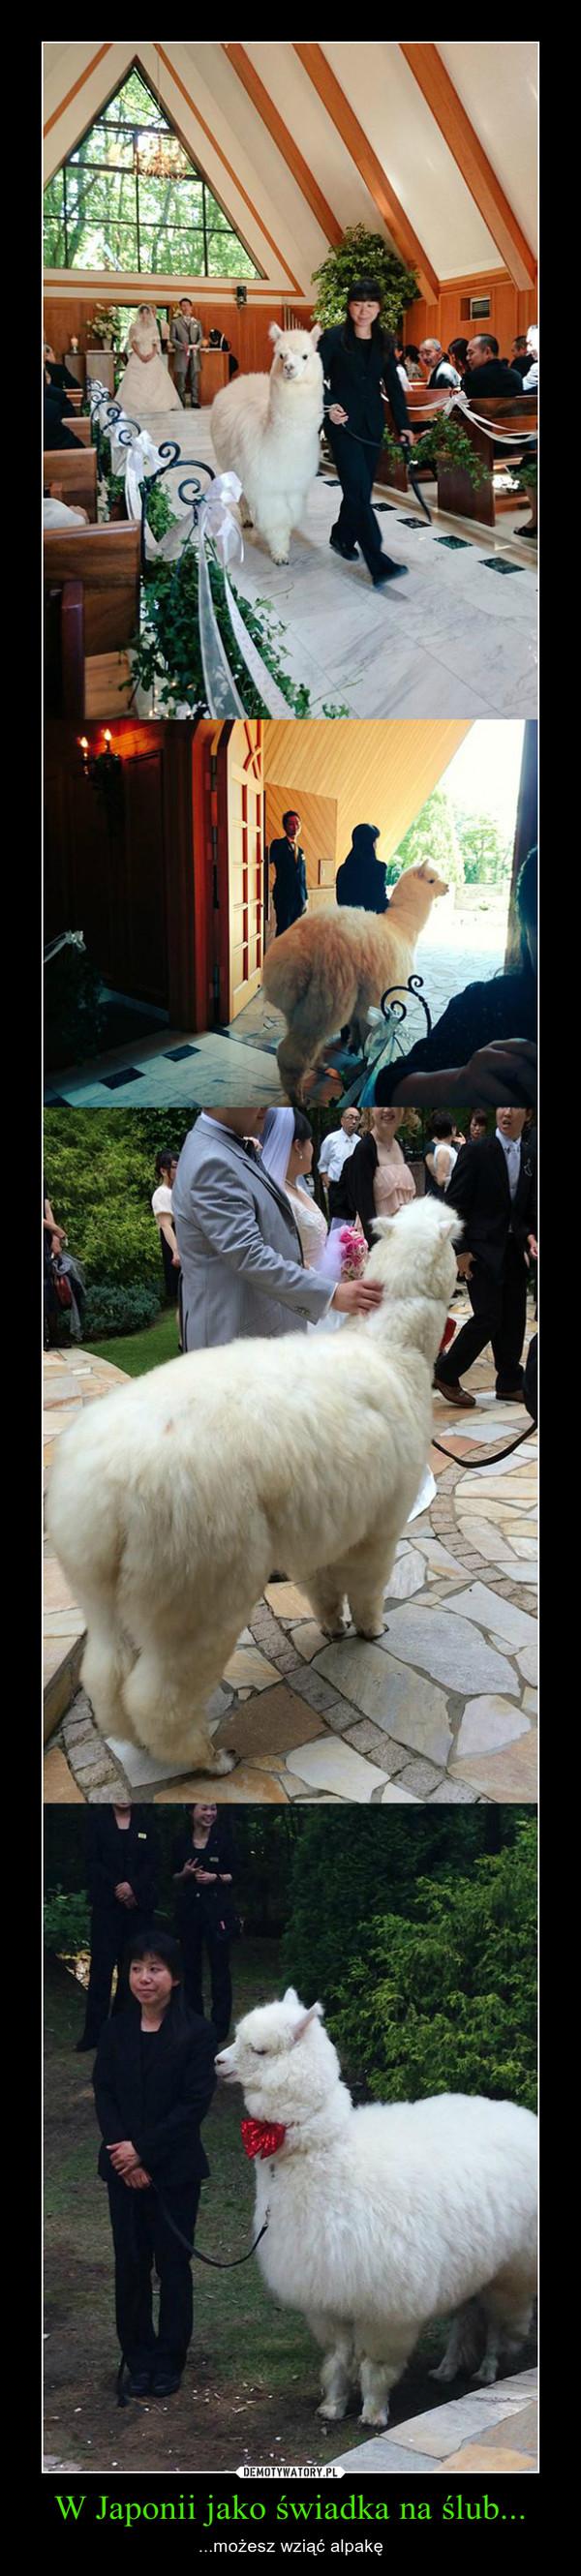 W Japonii jako świadka na ślub... – ...możesz wziąć alpakę